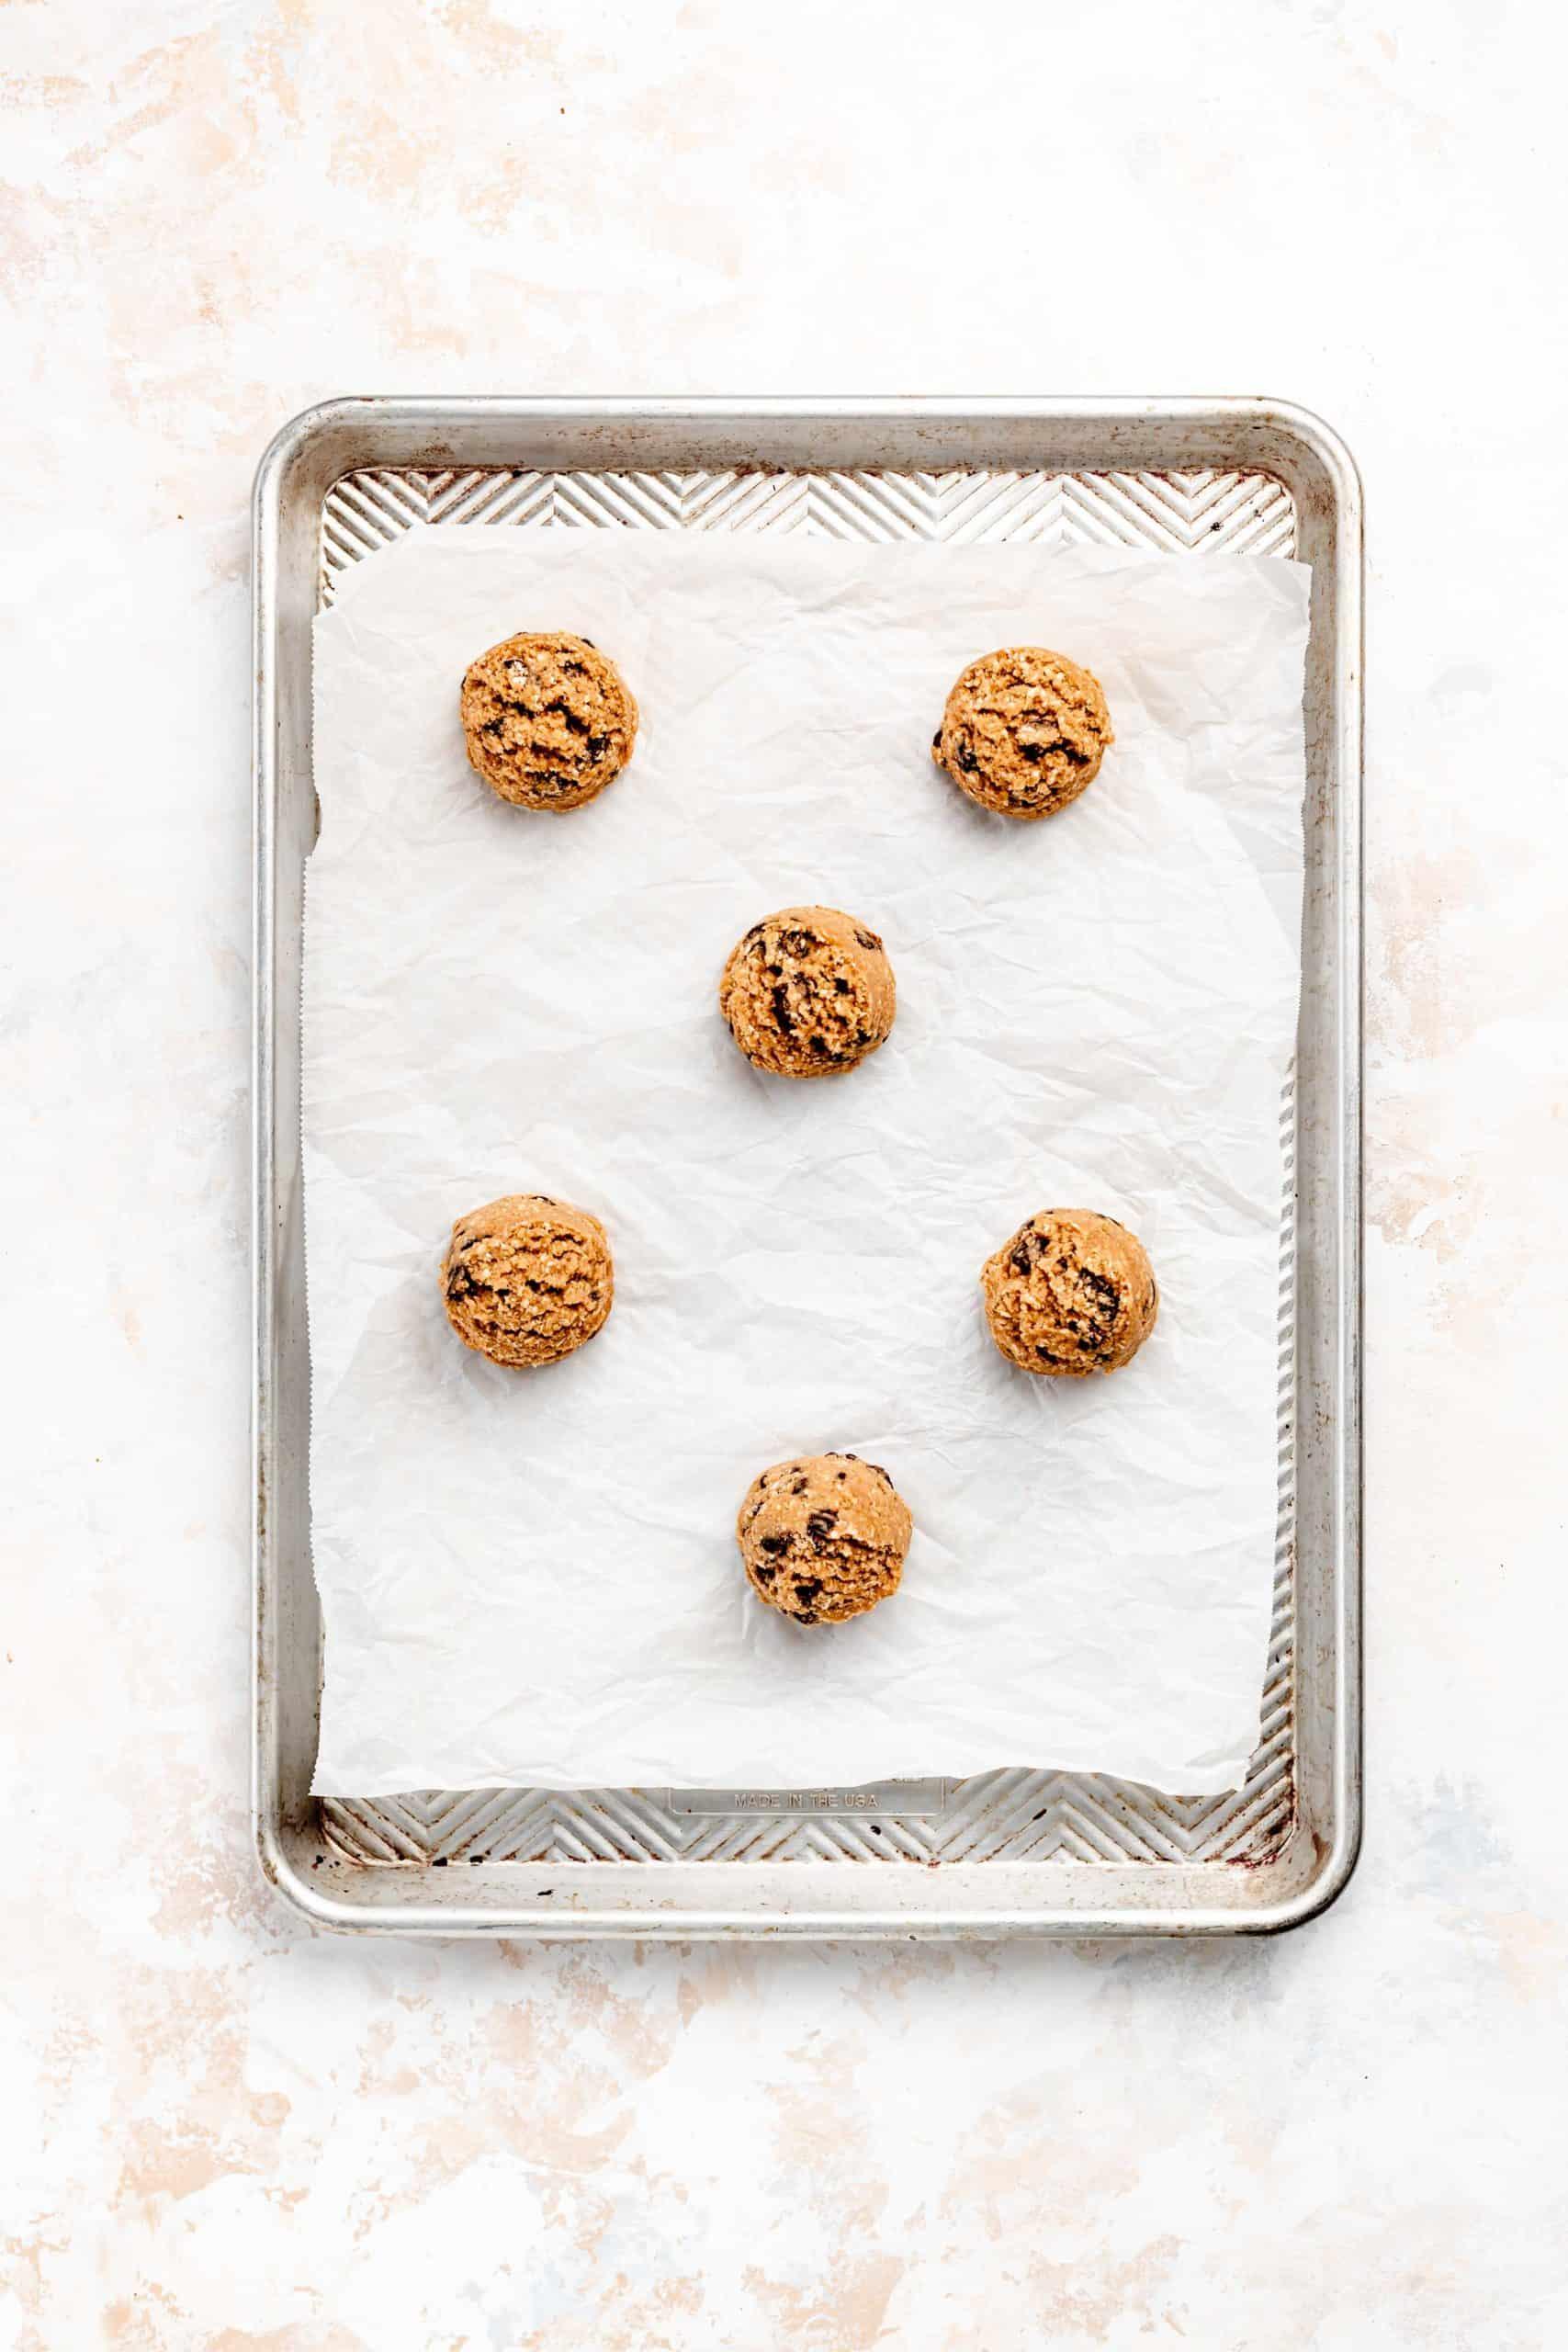 oatmeal raisin cookies on baking pan